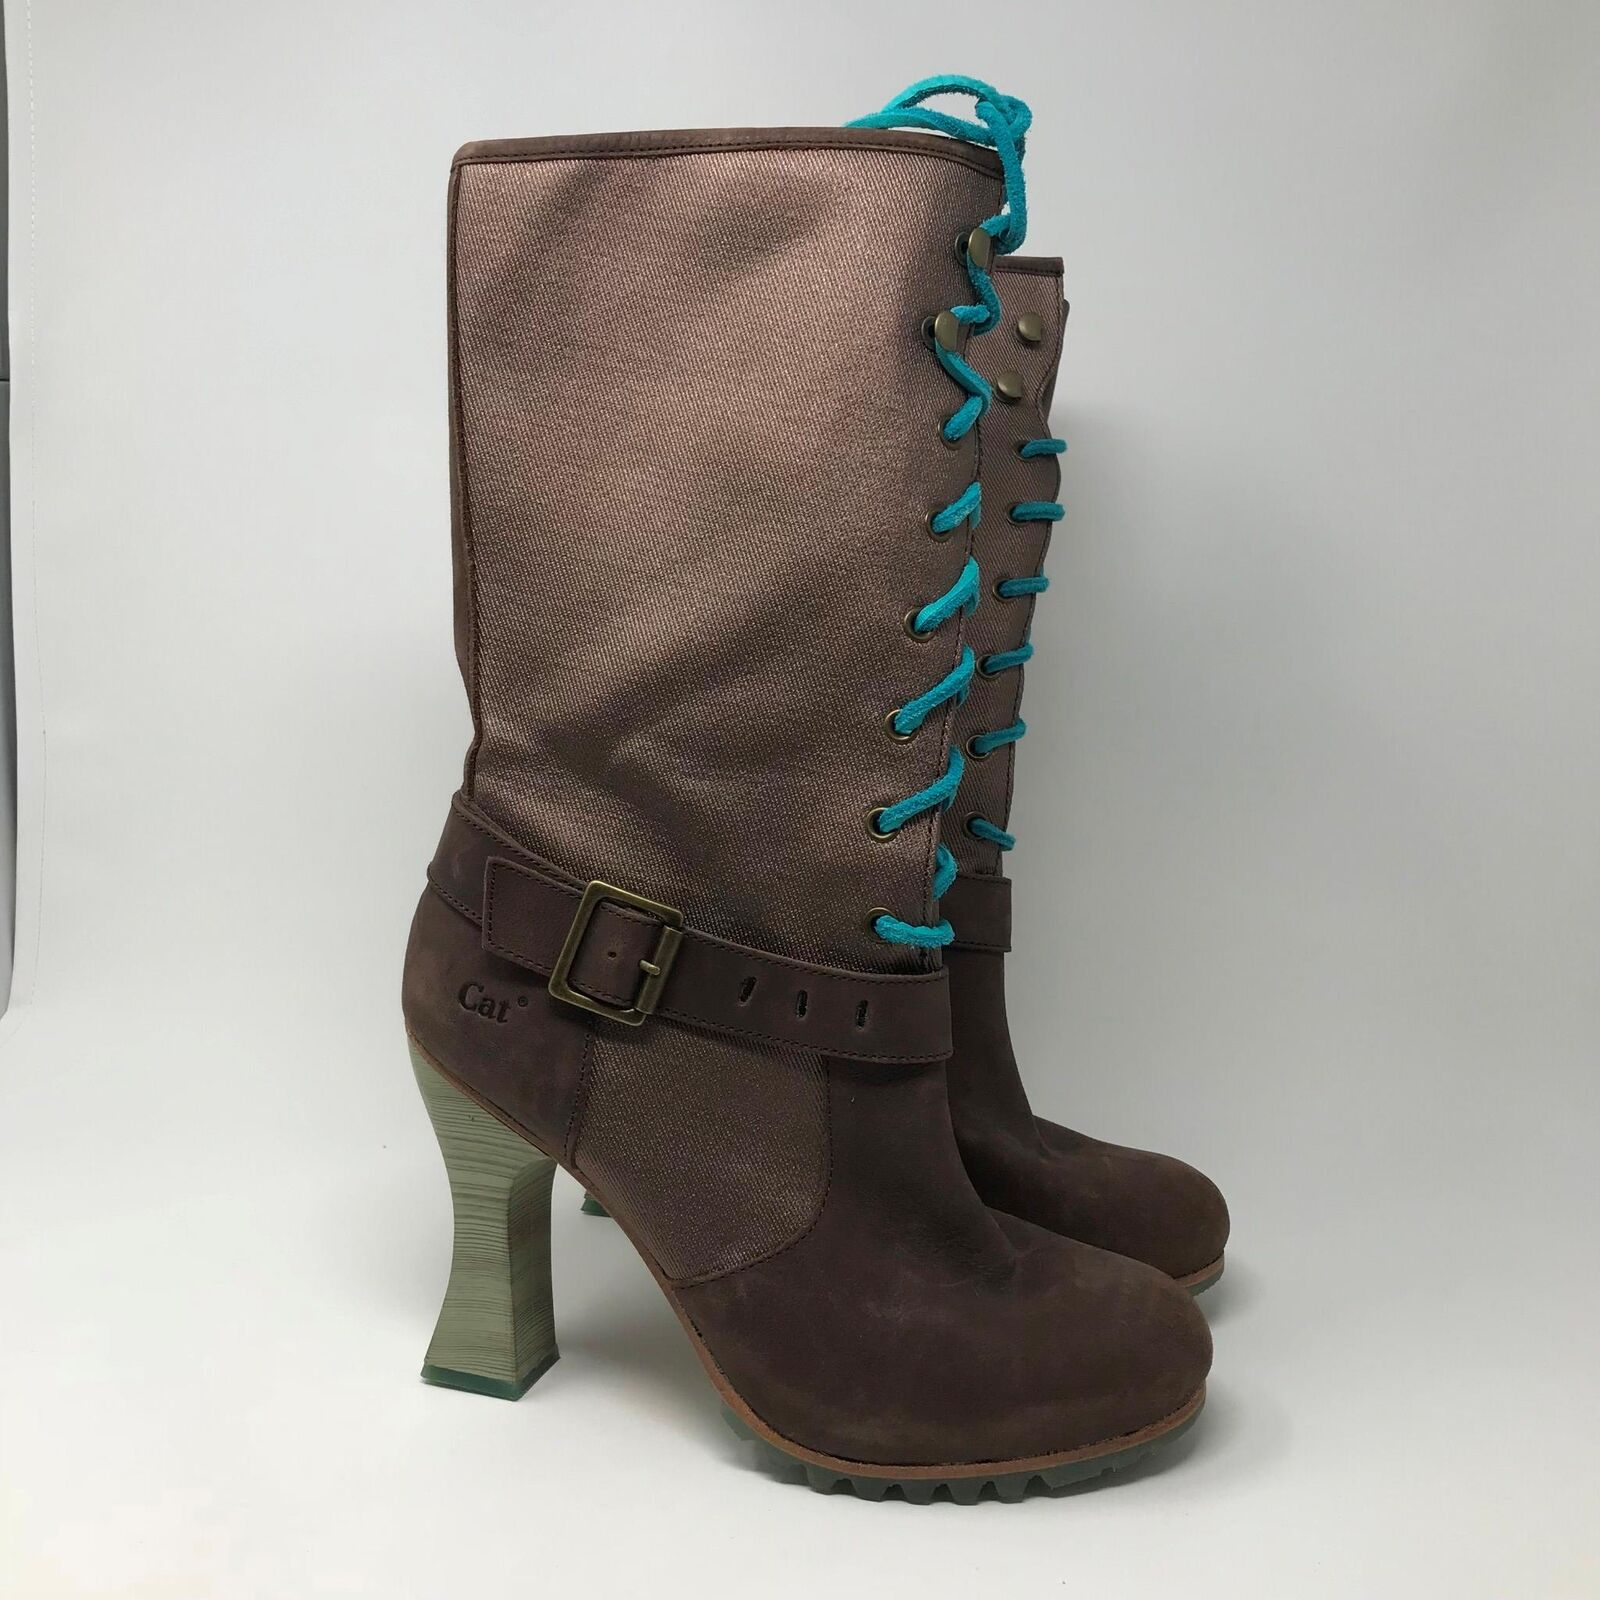 Caterpillar Women's 4  High Heel Lace Up Boots Size  9